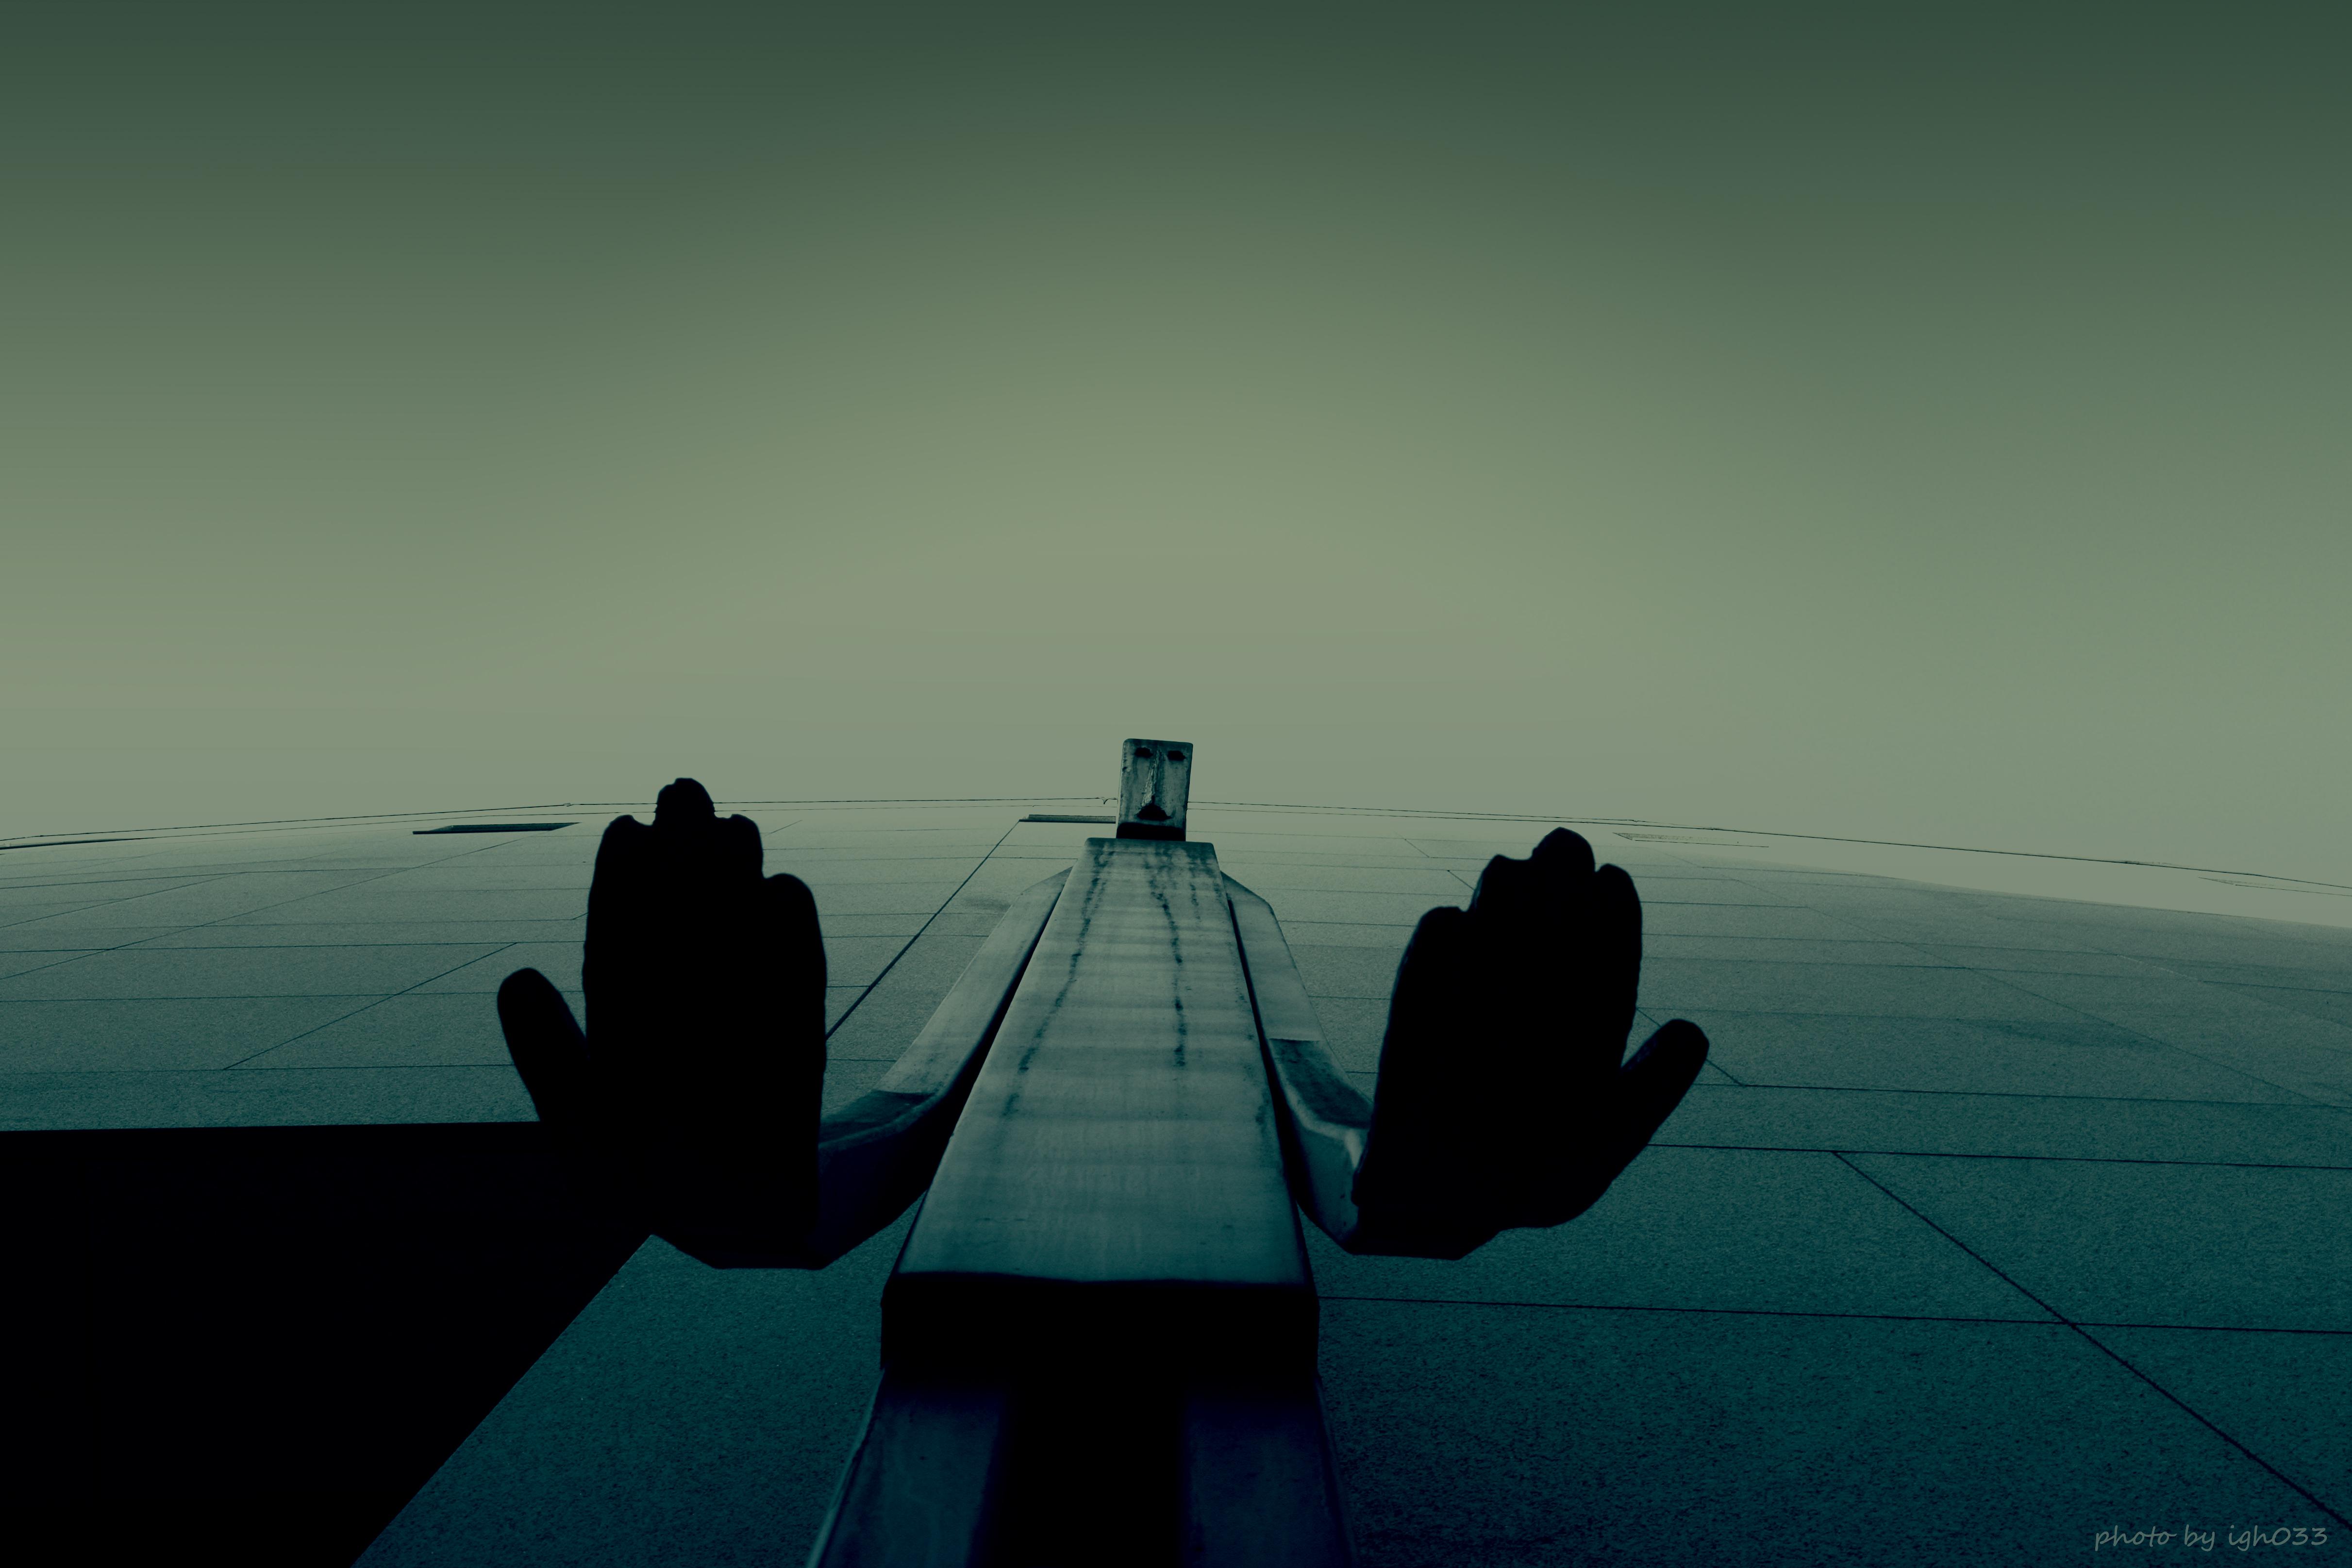 デスクトップ壁紙 日本 フラワーズ シティ アジア ホラー 水 自然 空 シルエット 雲 落ち着いた 緑 太陽 キヤノン ファッション 地平線 Iphone 休日 東京 アート 光 色 新しい 可愛い 海洋 私 楽しい Iphoneography ライブ ピコフデーデー